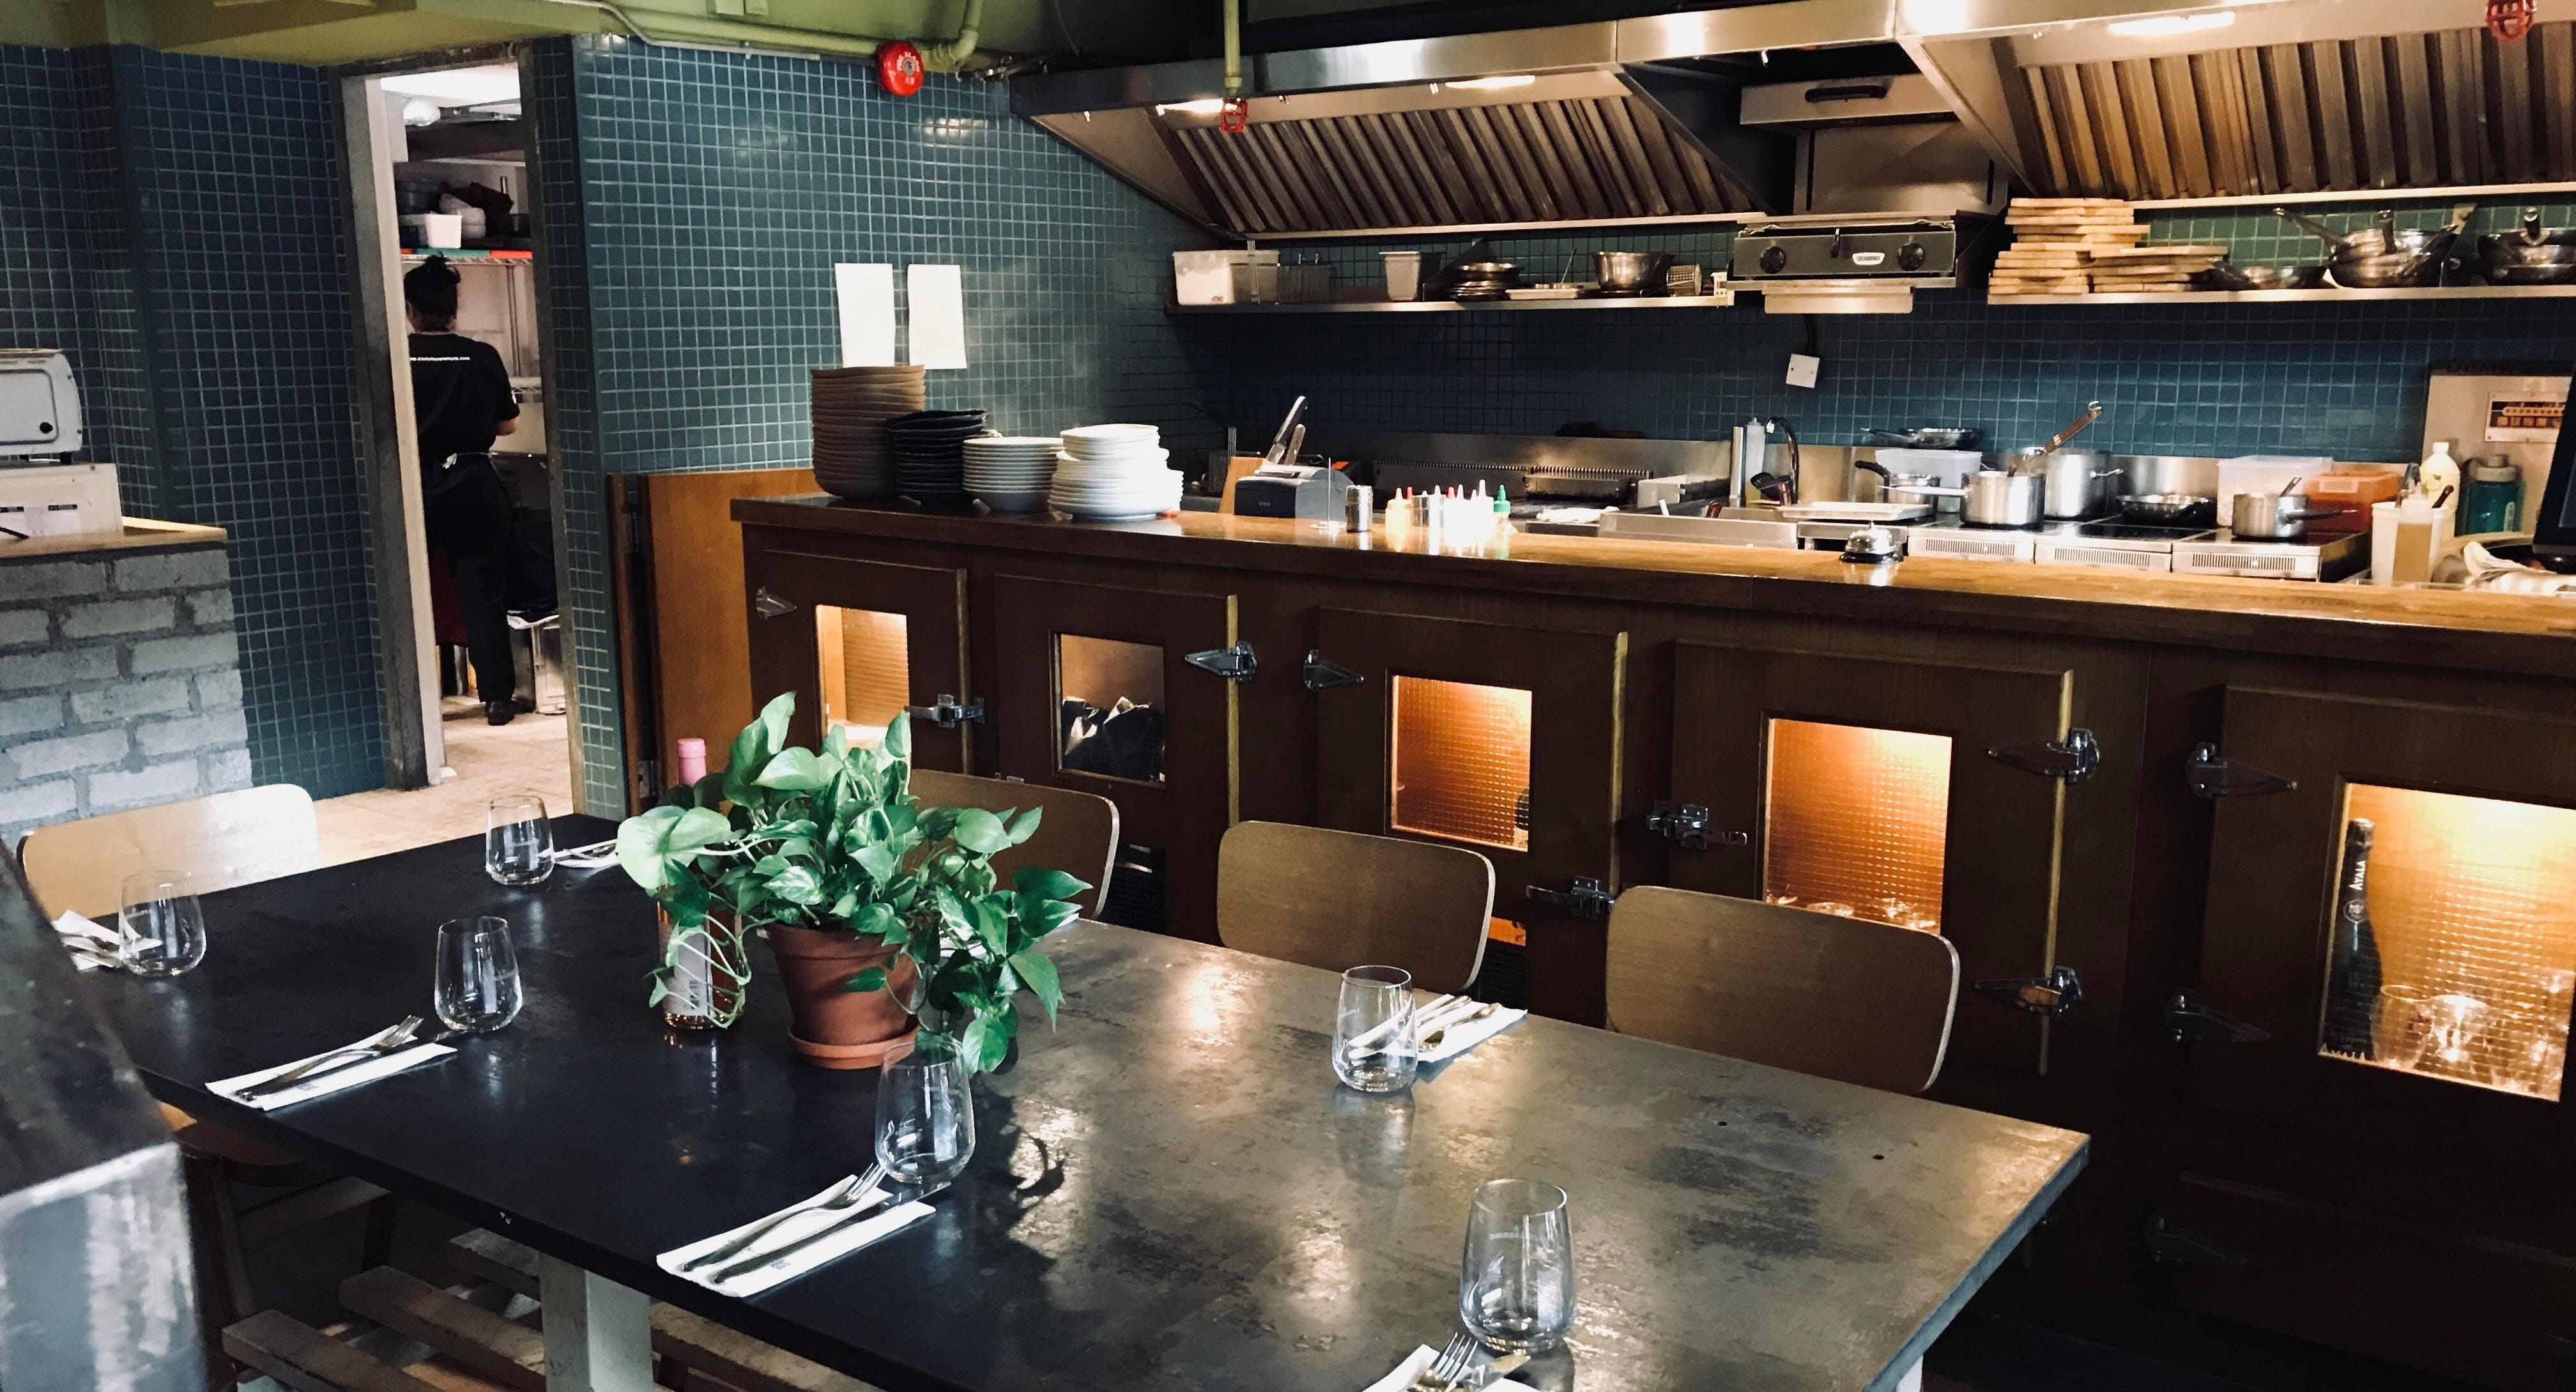 The Winery Kitchen + Bar Hong Kong image 3